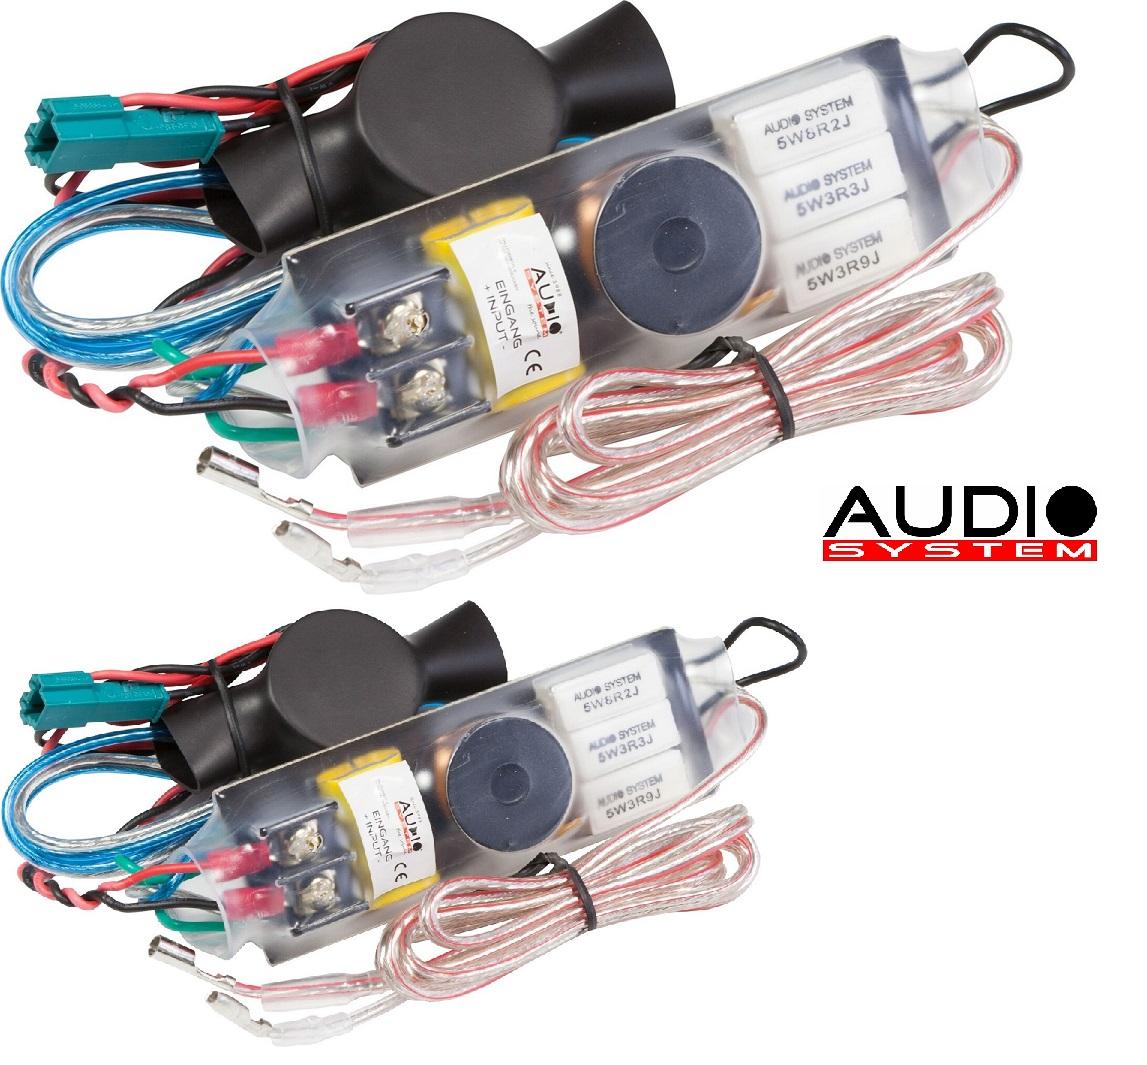 AUDIO SYSTEM FWK BMW/VW EVO Frequenzweichen / Crossover 1 Paar (2 Stück)